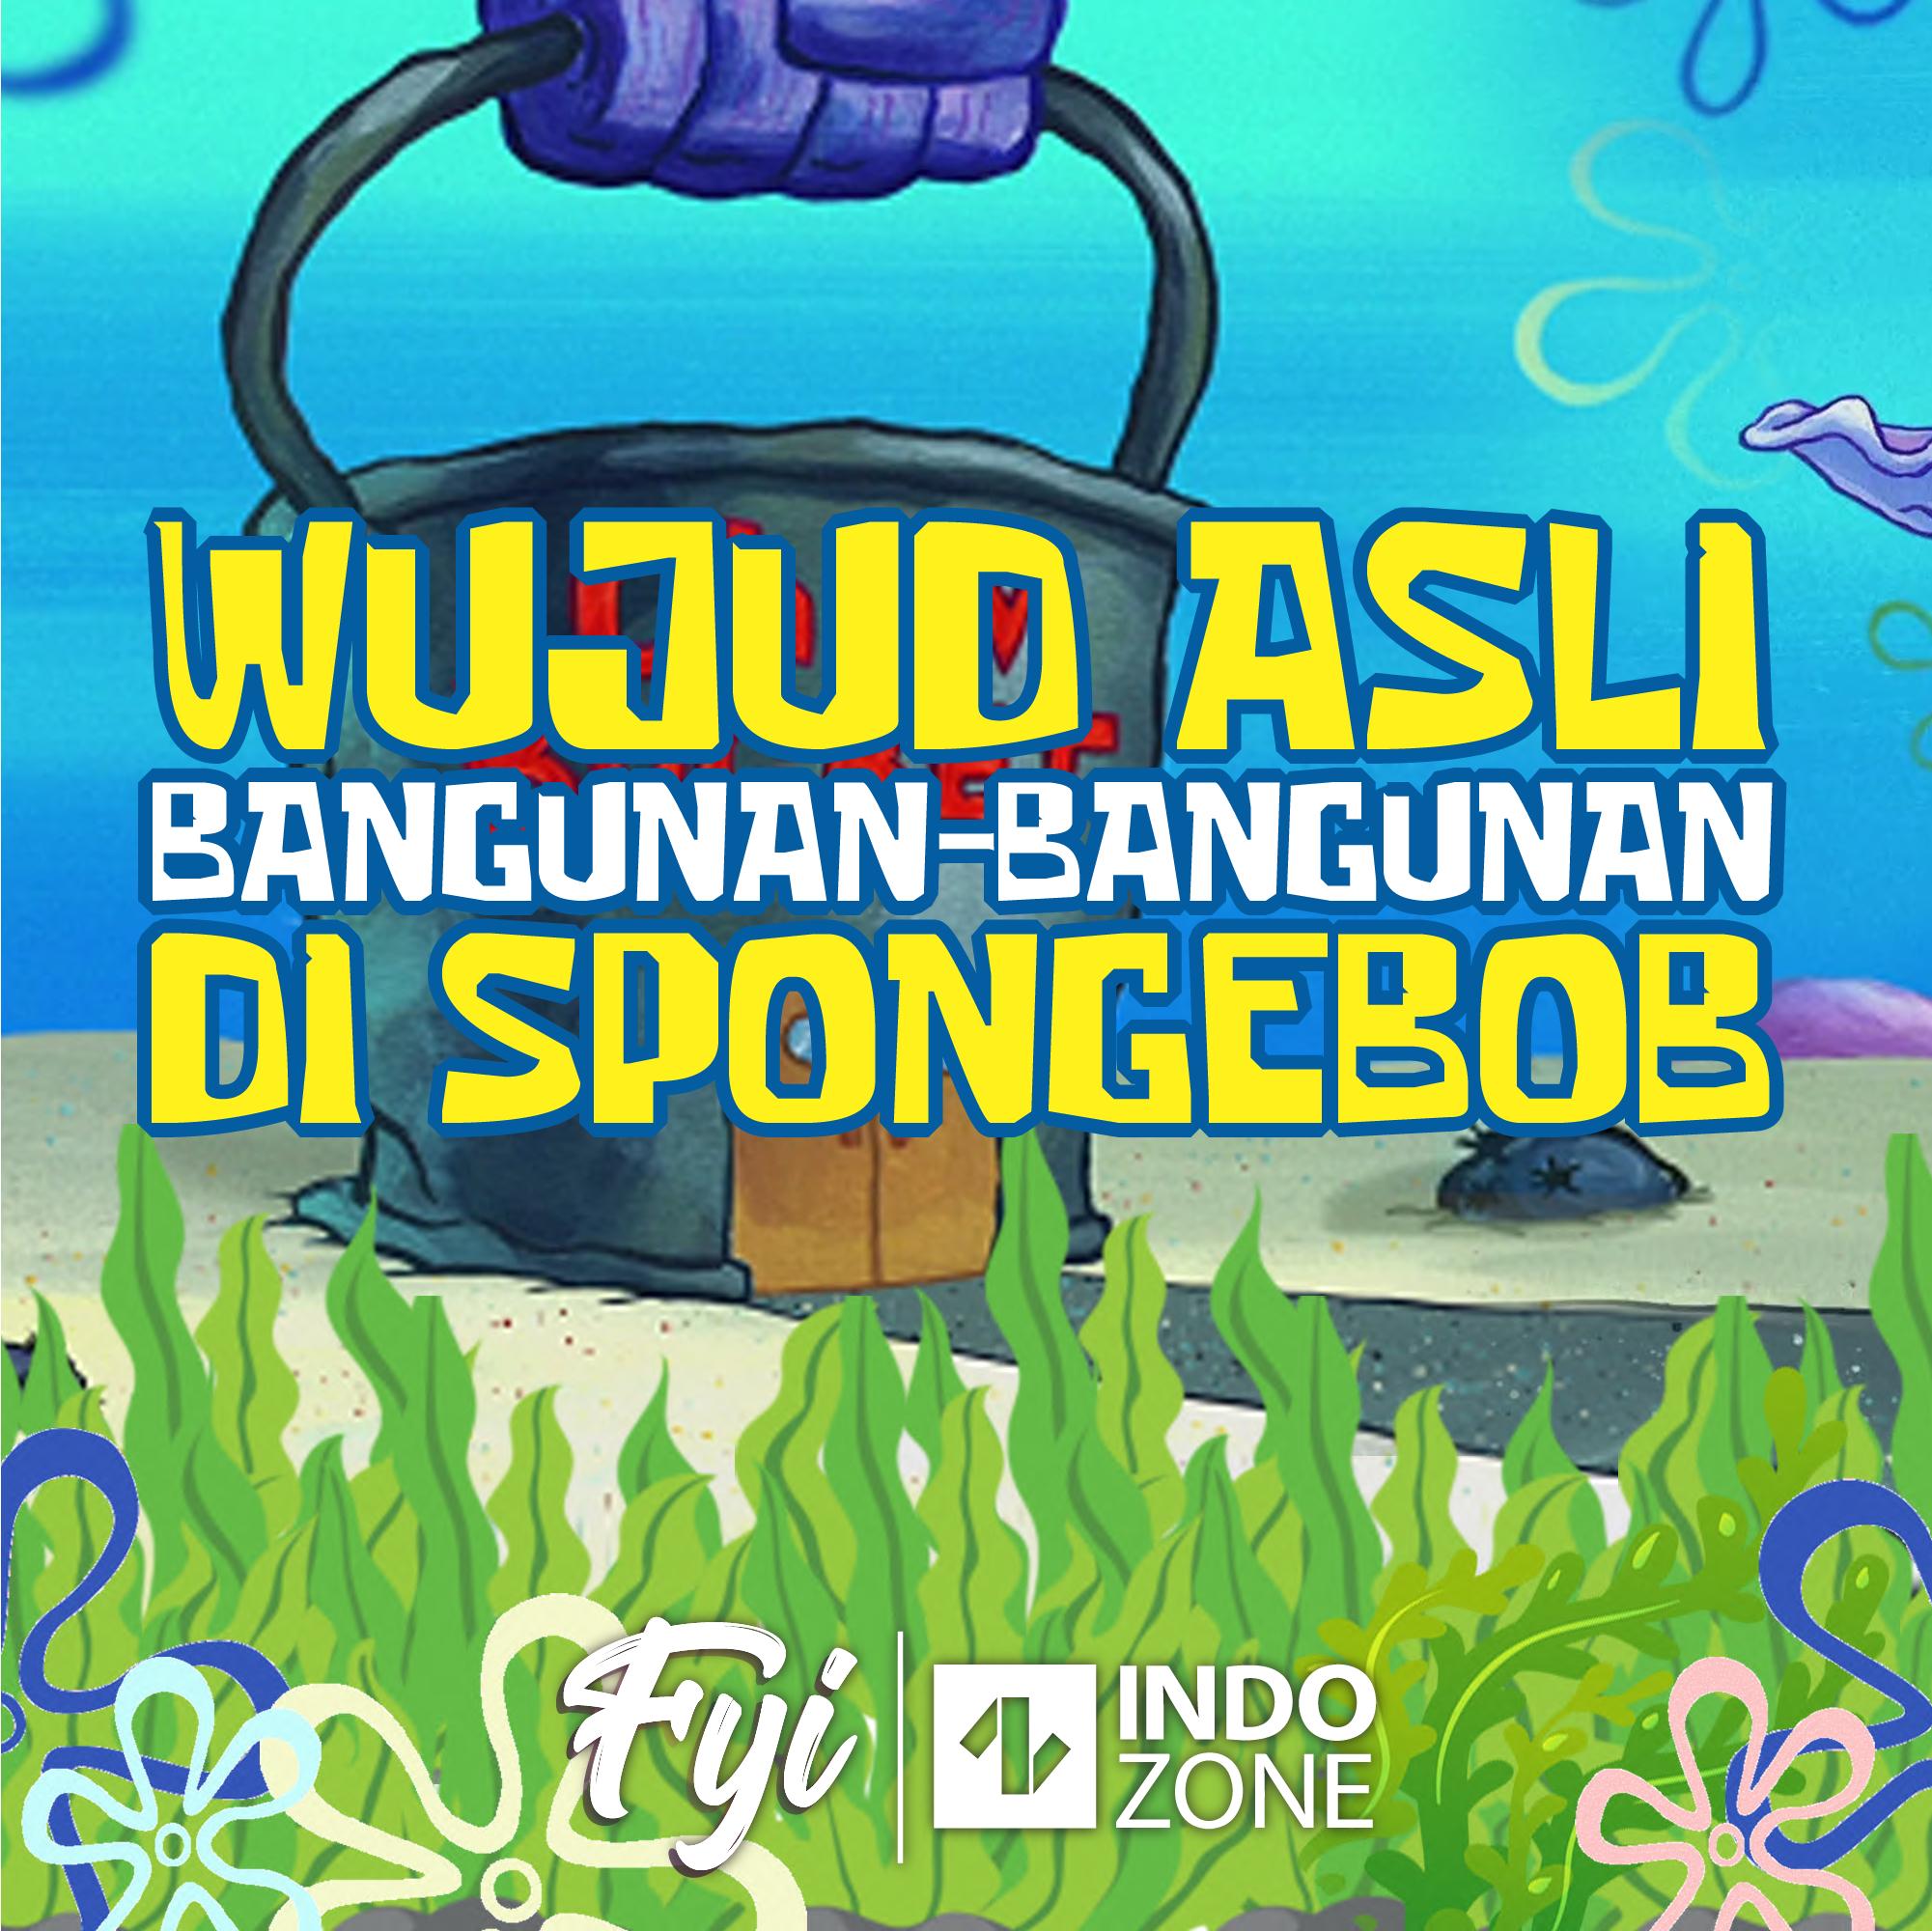 Wujud Asli Bangunan-Bangunan di Spongebob